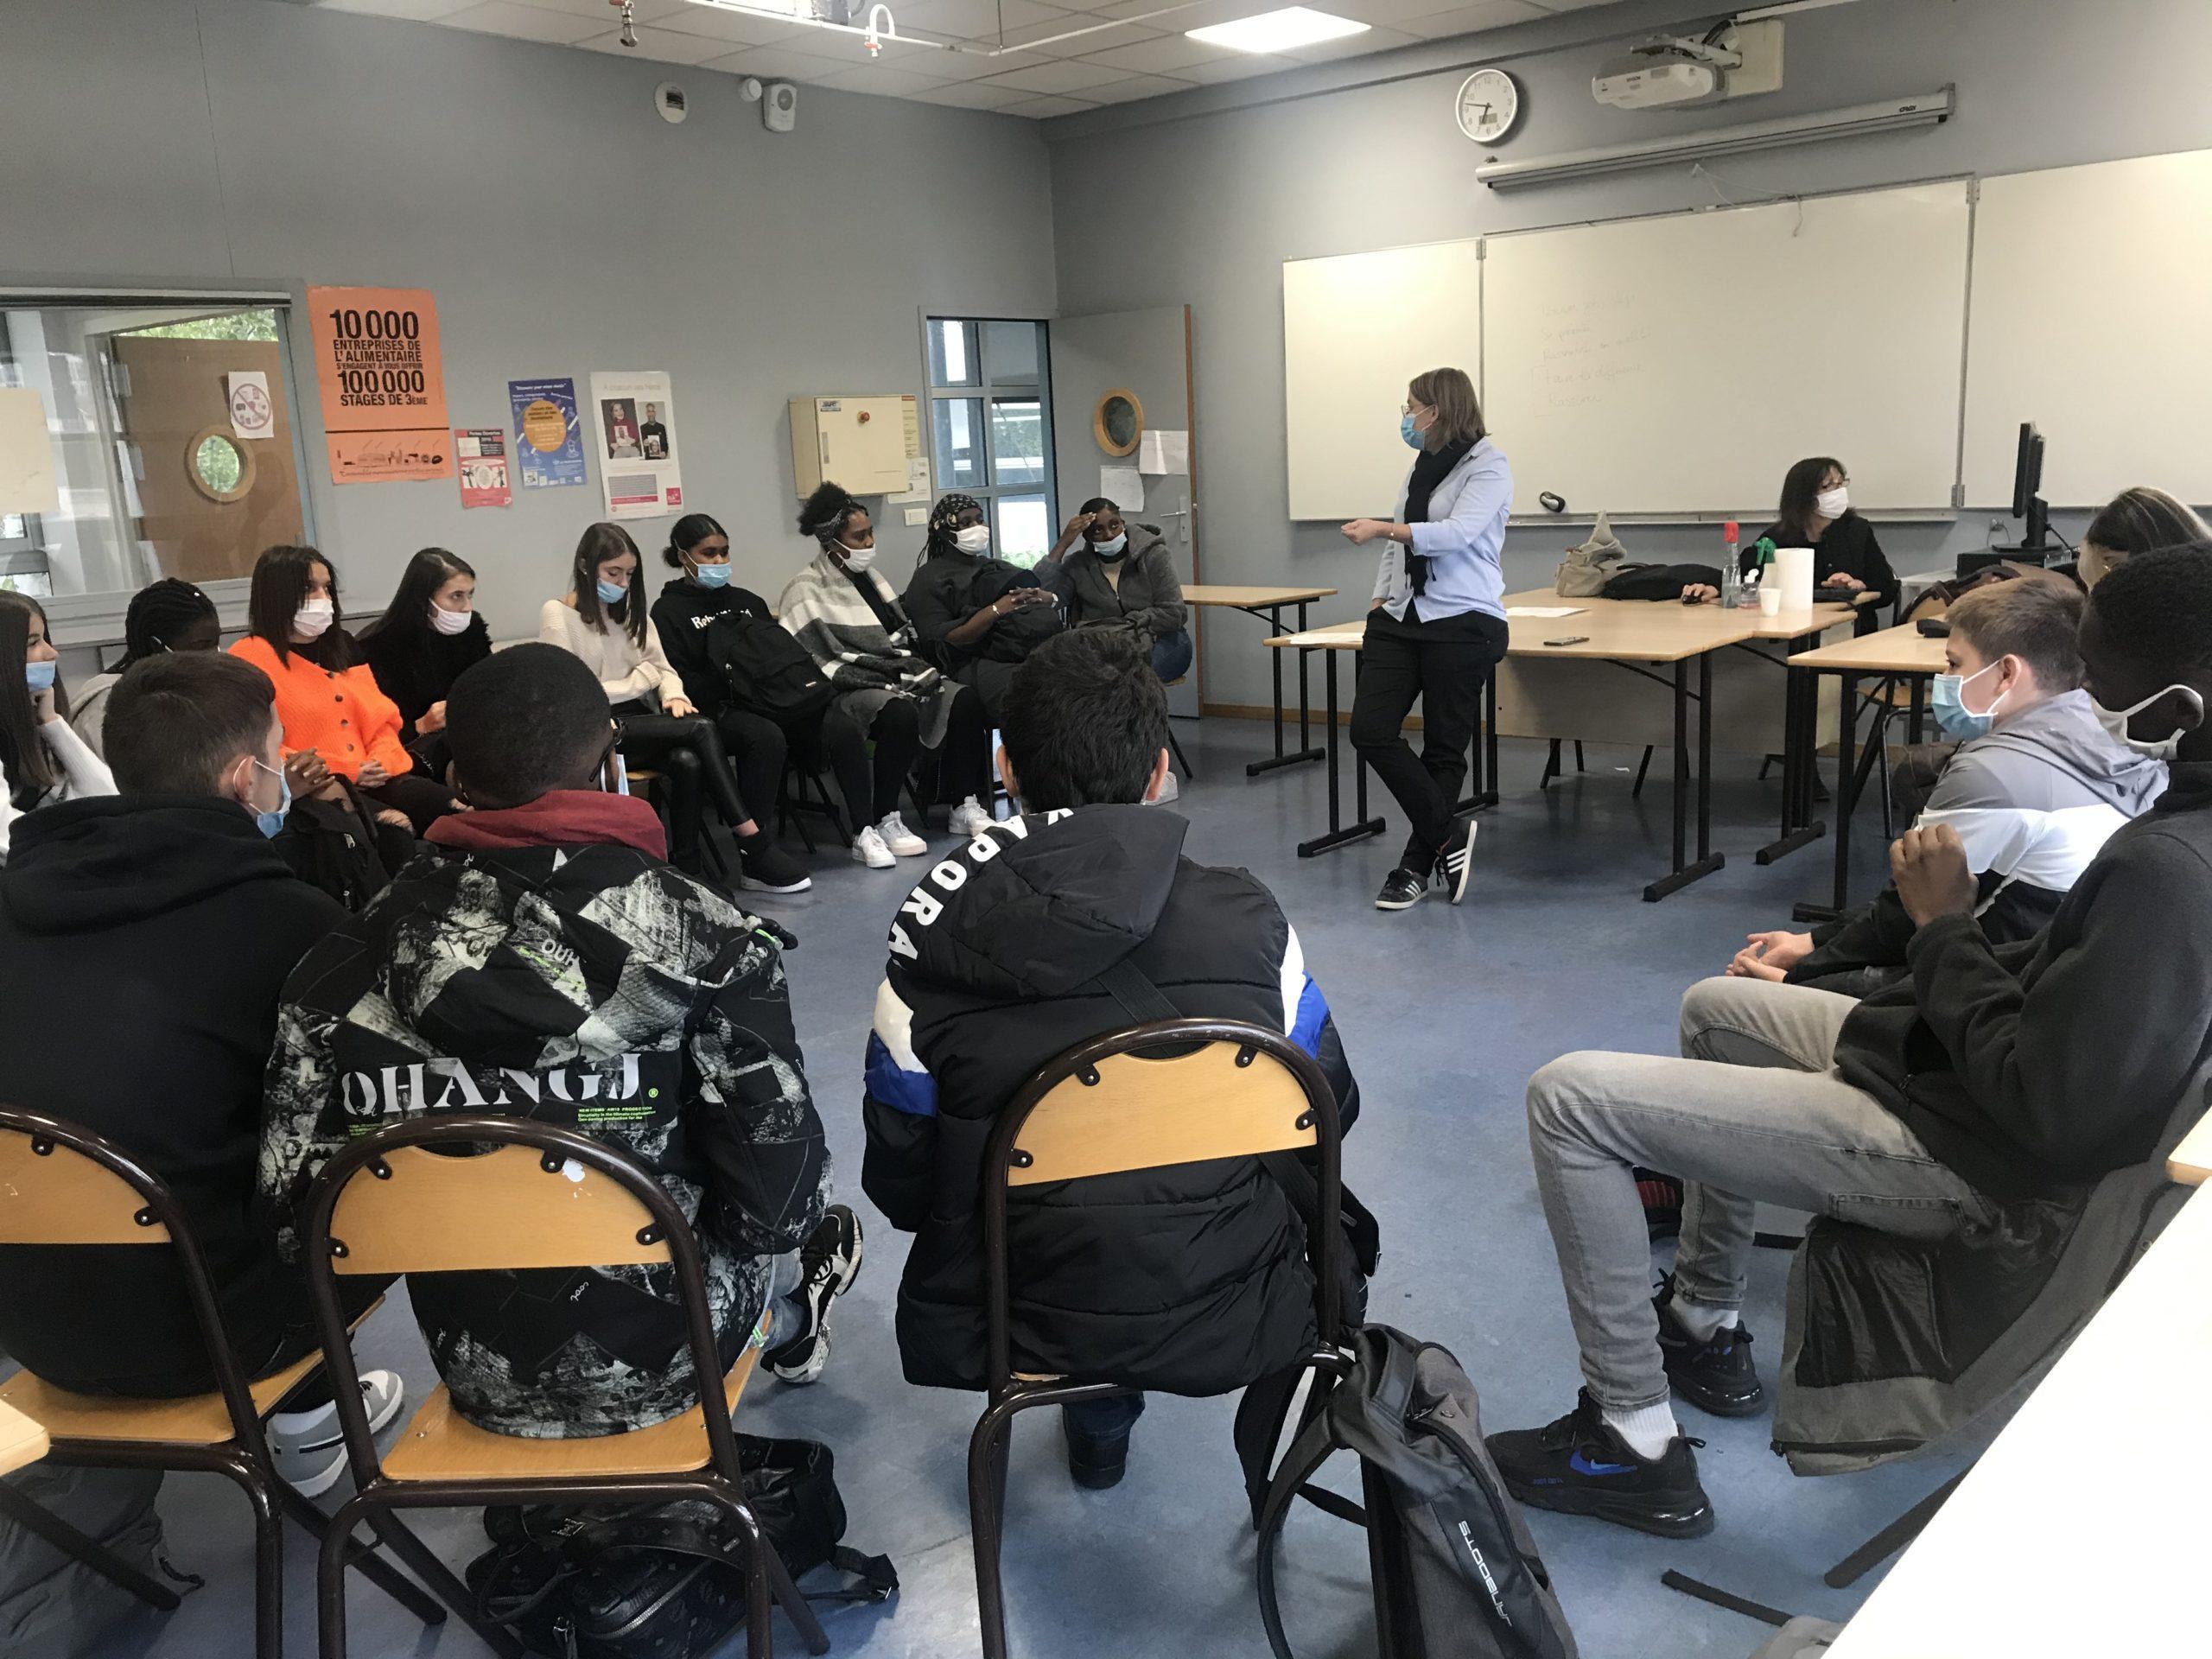 Semaine Ecole Entreprise 2020 - du 5 au 9 octobre, des chefs d'entreprises sont allés à la rencontre de lycéens